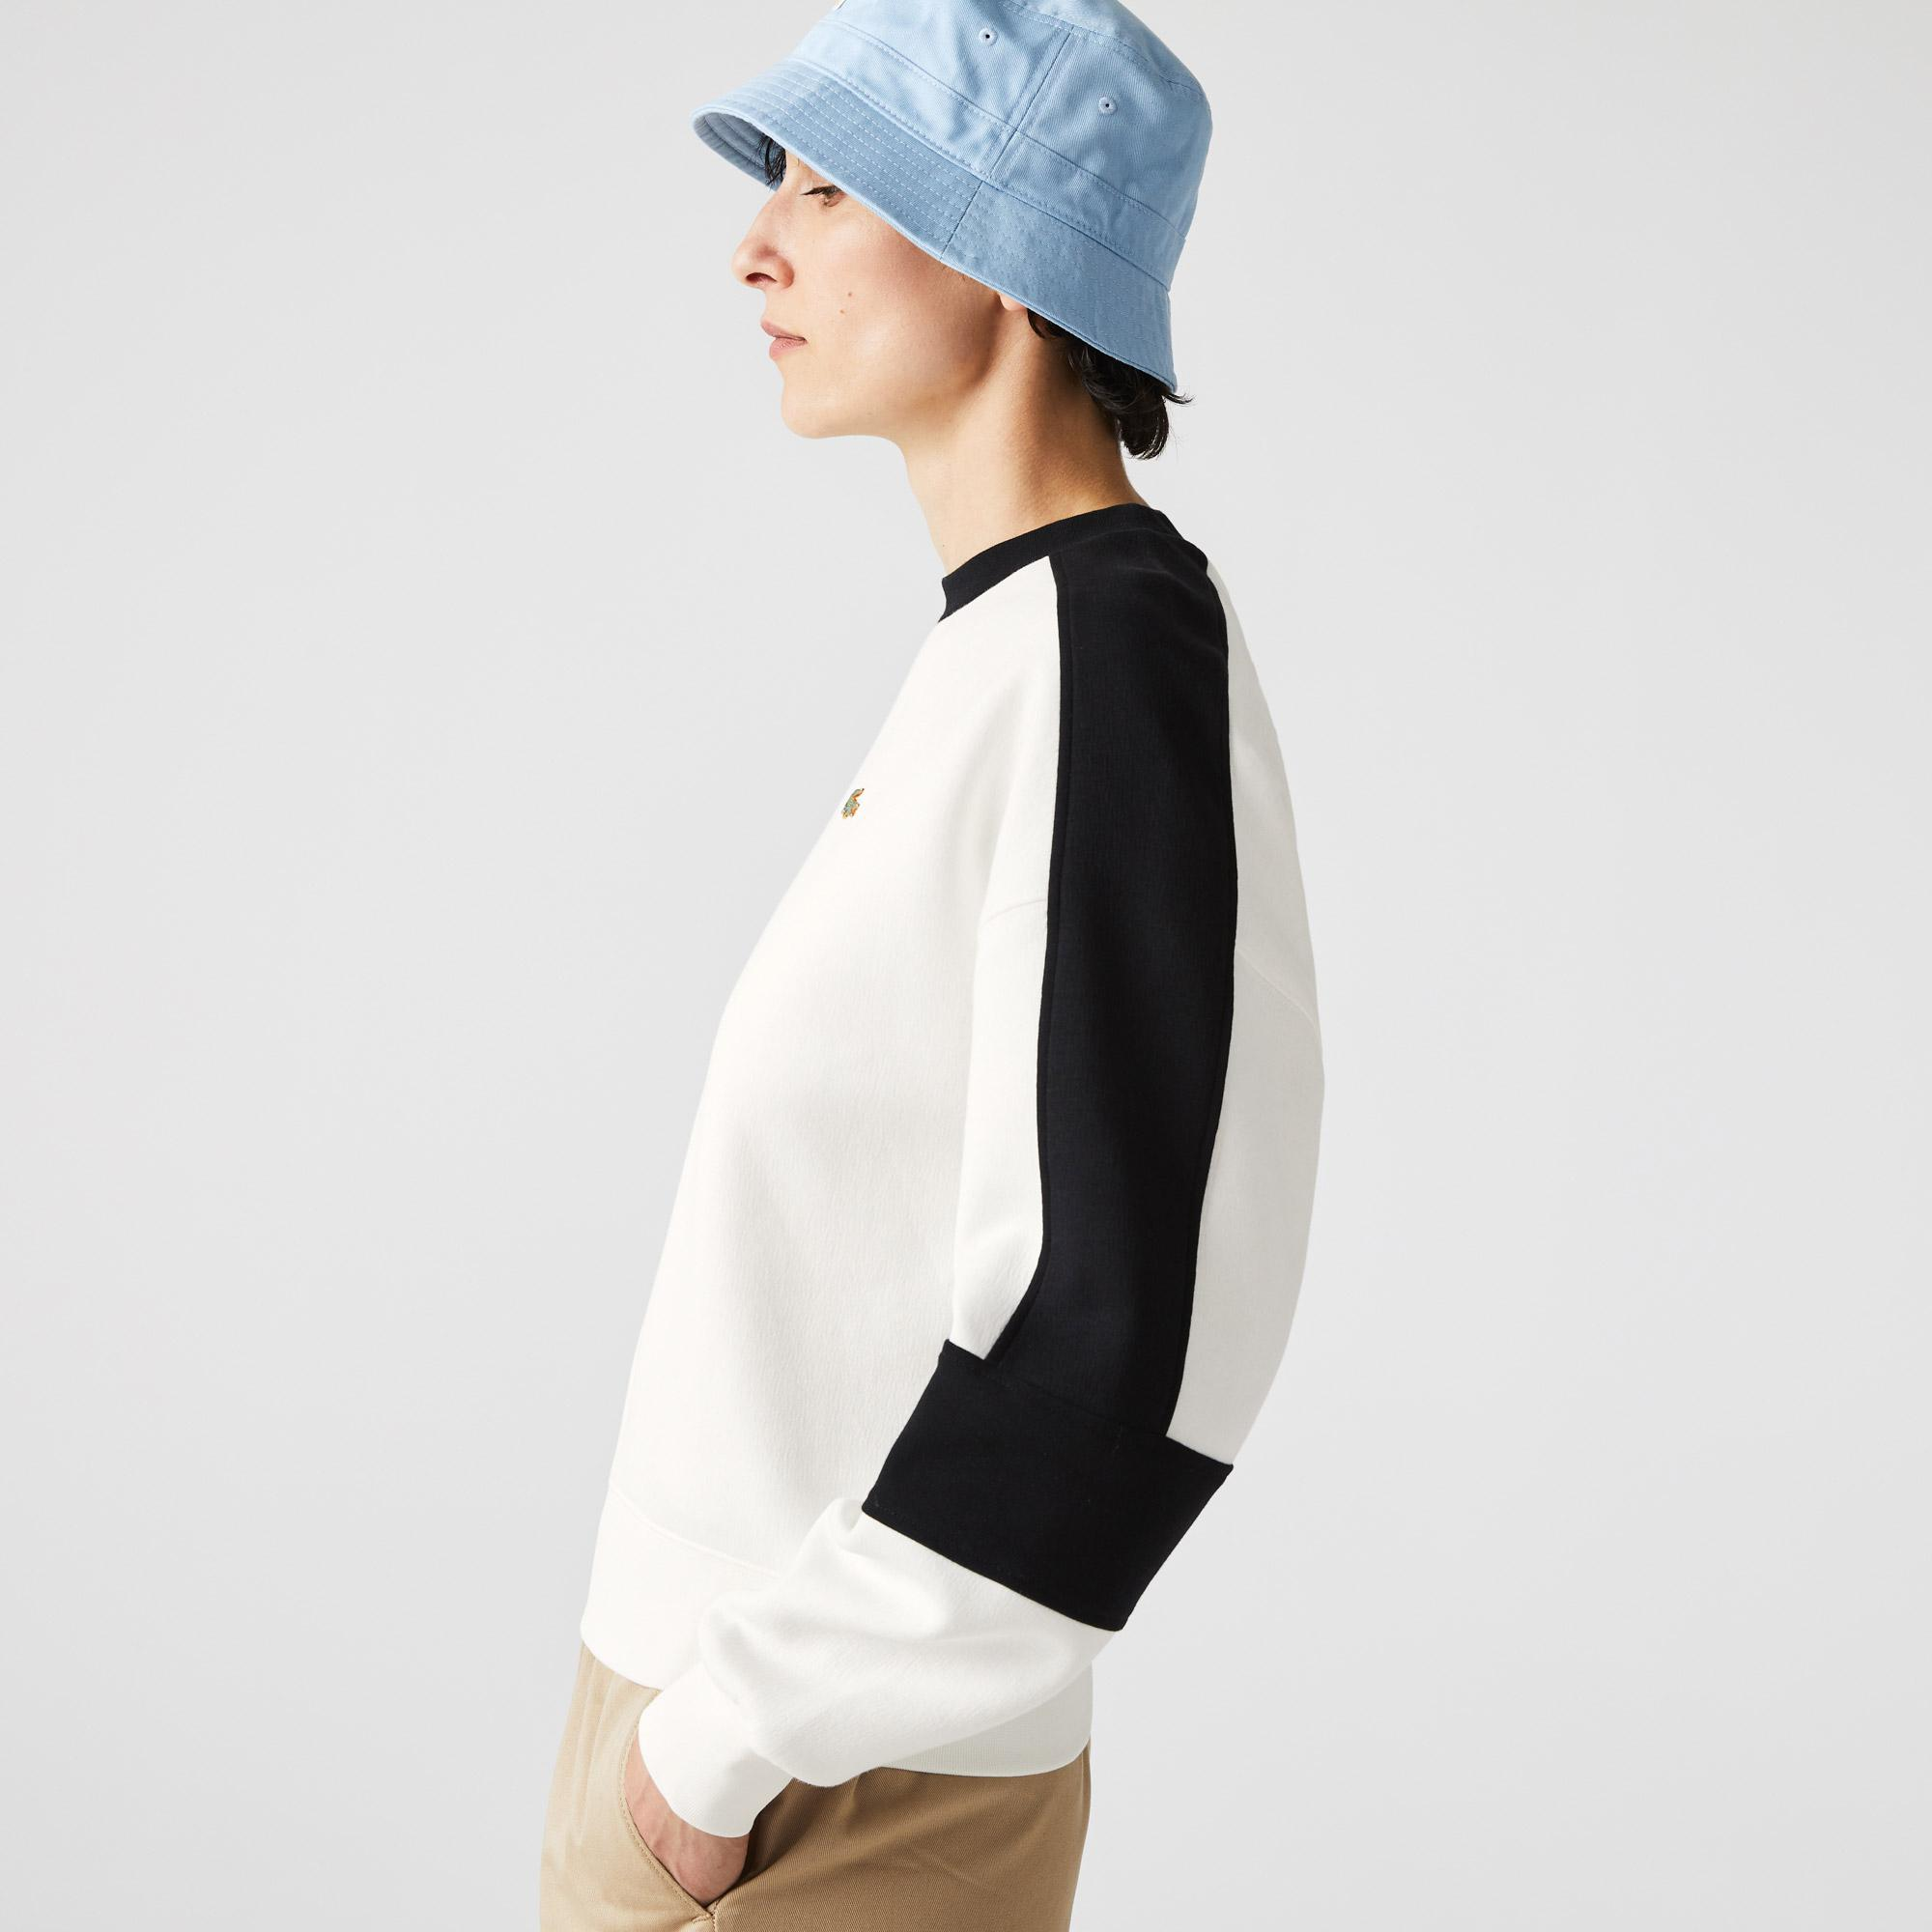 Lacoste L!VE Bluza damska z blokami graficznymi